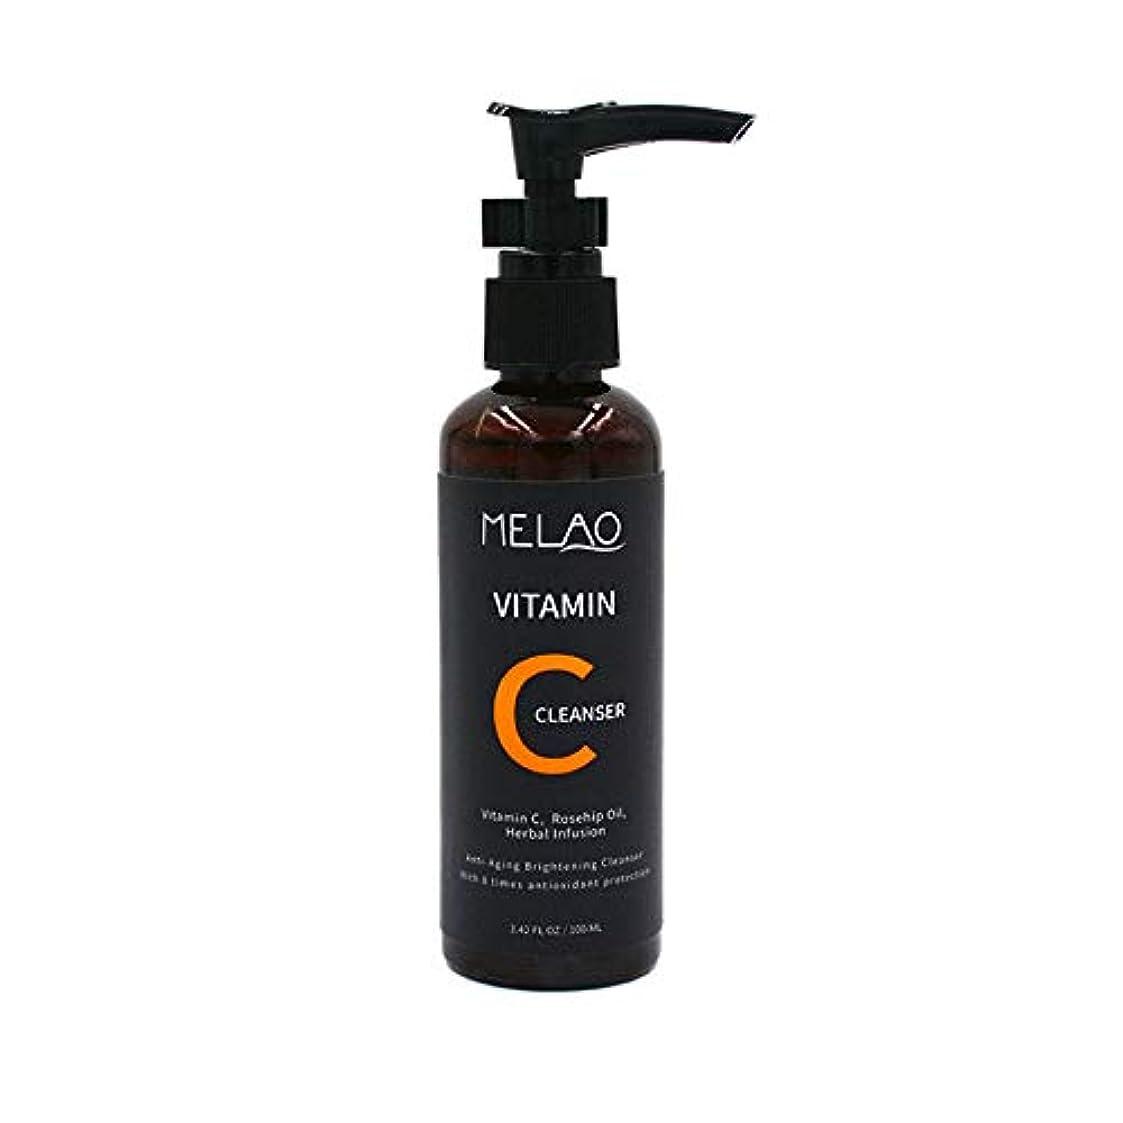 教育者気付く蒸留Akane MELAO VC 顔洗い 深層 清潔 押す 保湿 浄化 角質除去 クレンジング 綺麗に オイルコントロール 使いやすい 洗顔料 アロエクリーム 100ml MC180202